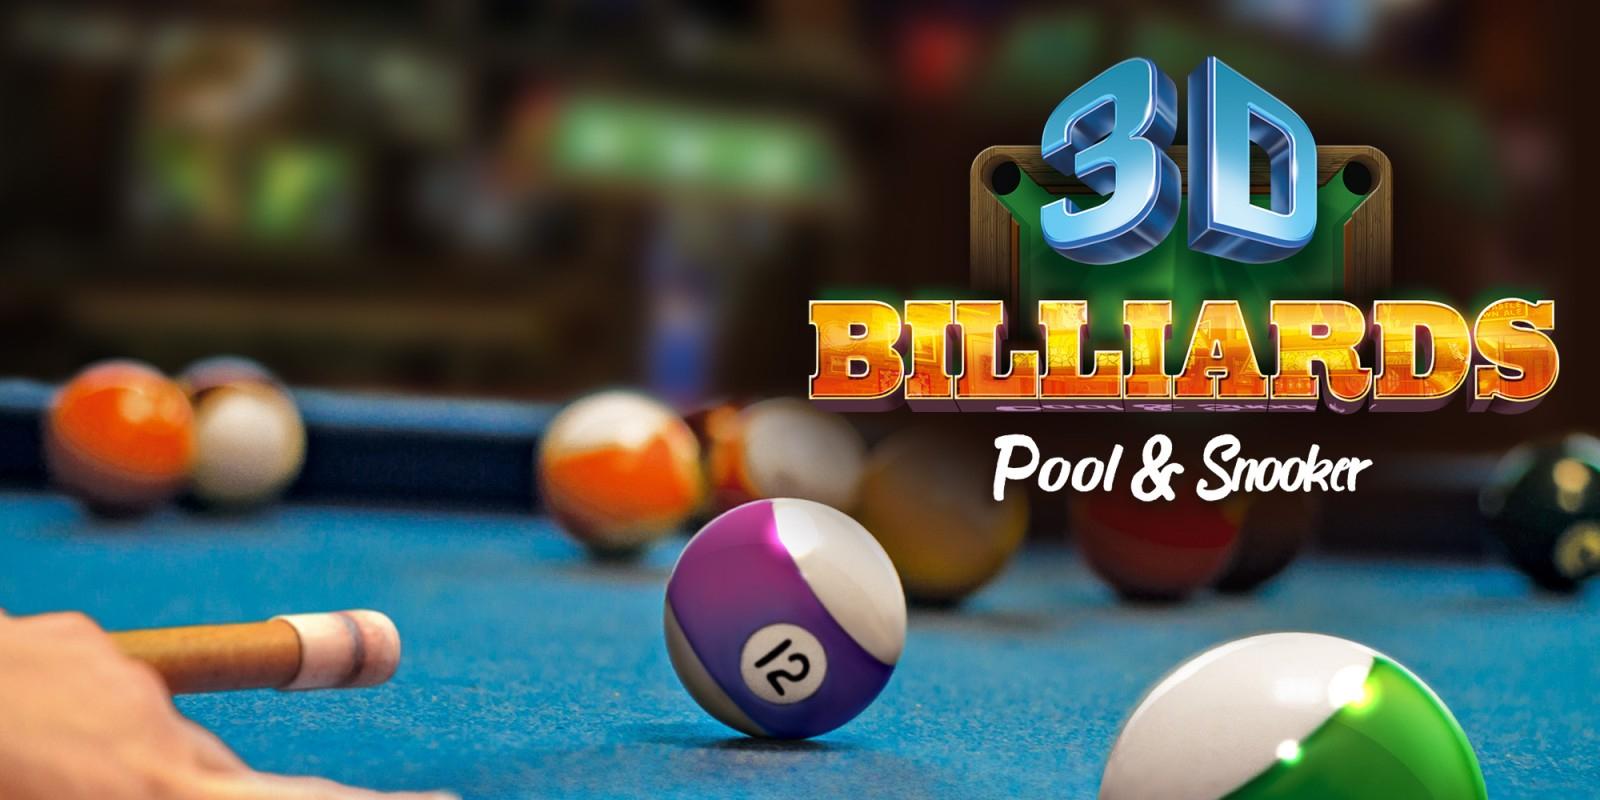 3D Billiards - Pool & Snooker | Nintendo Switch | Jeux tout Jeux Gratuit Billard